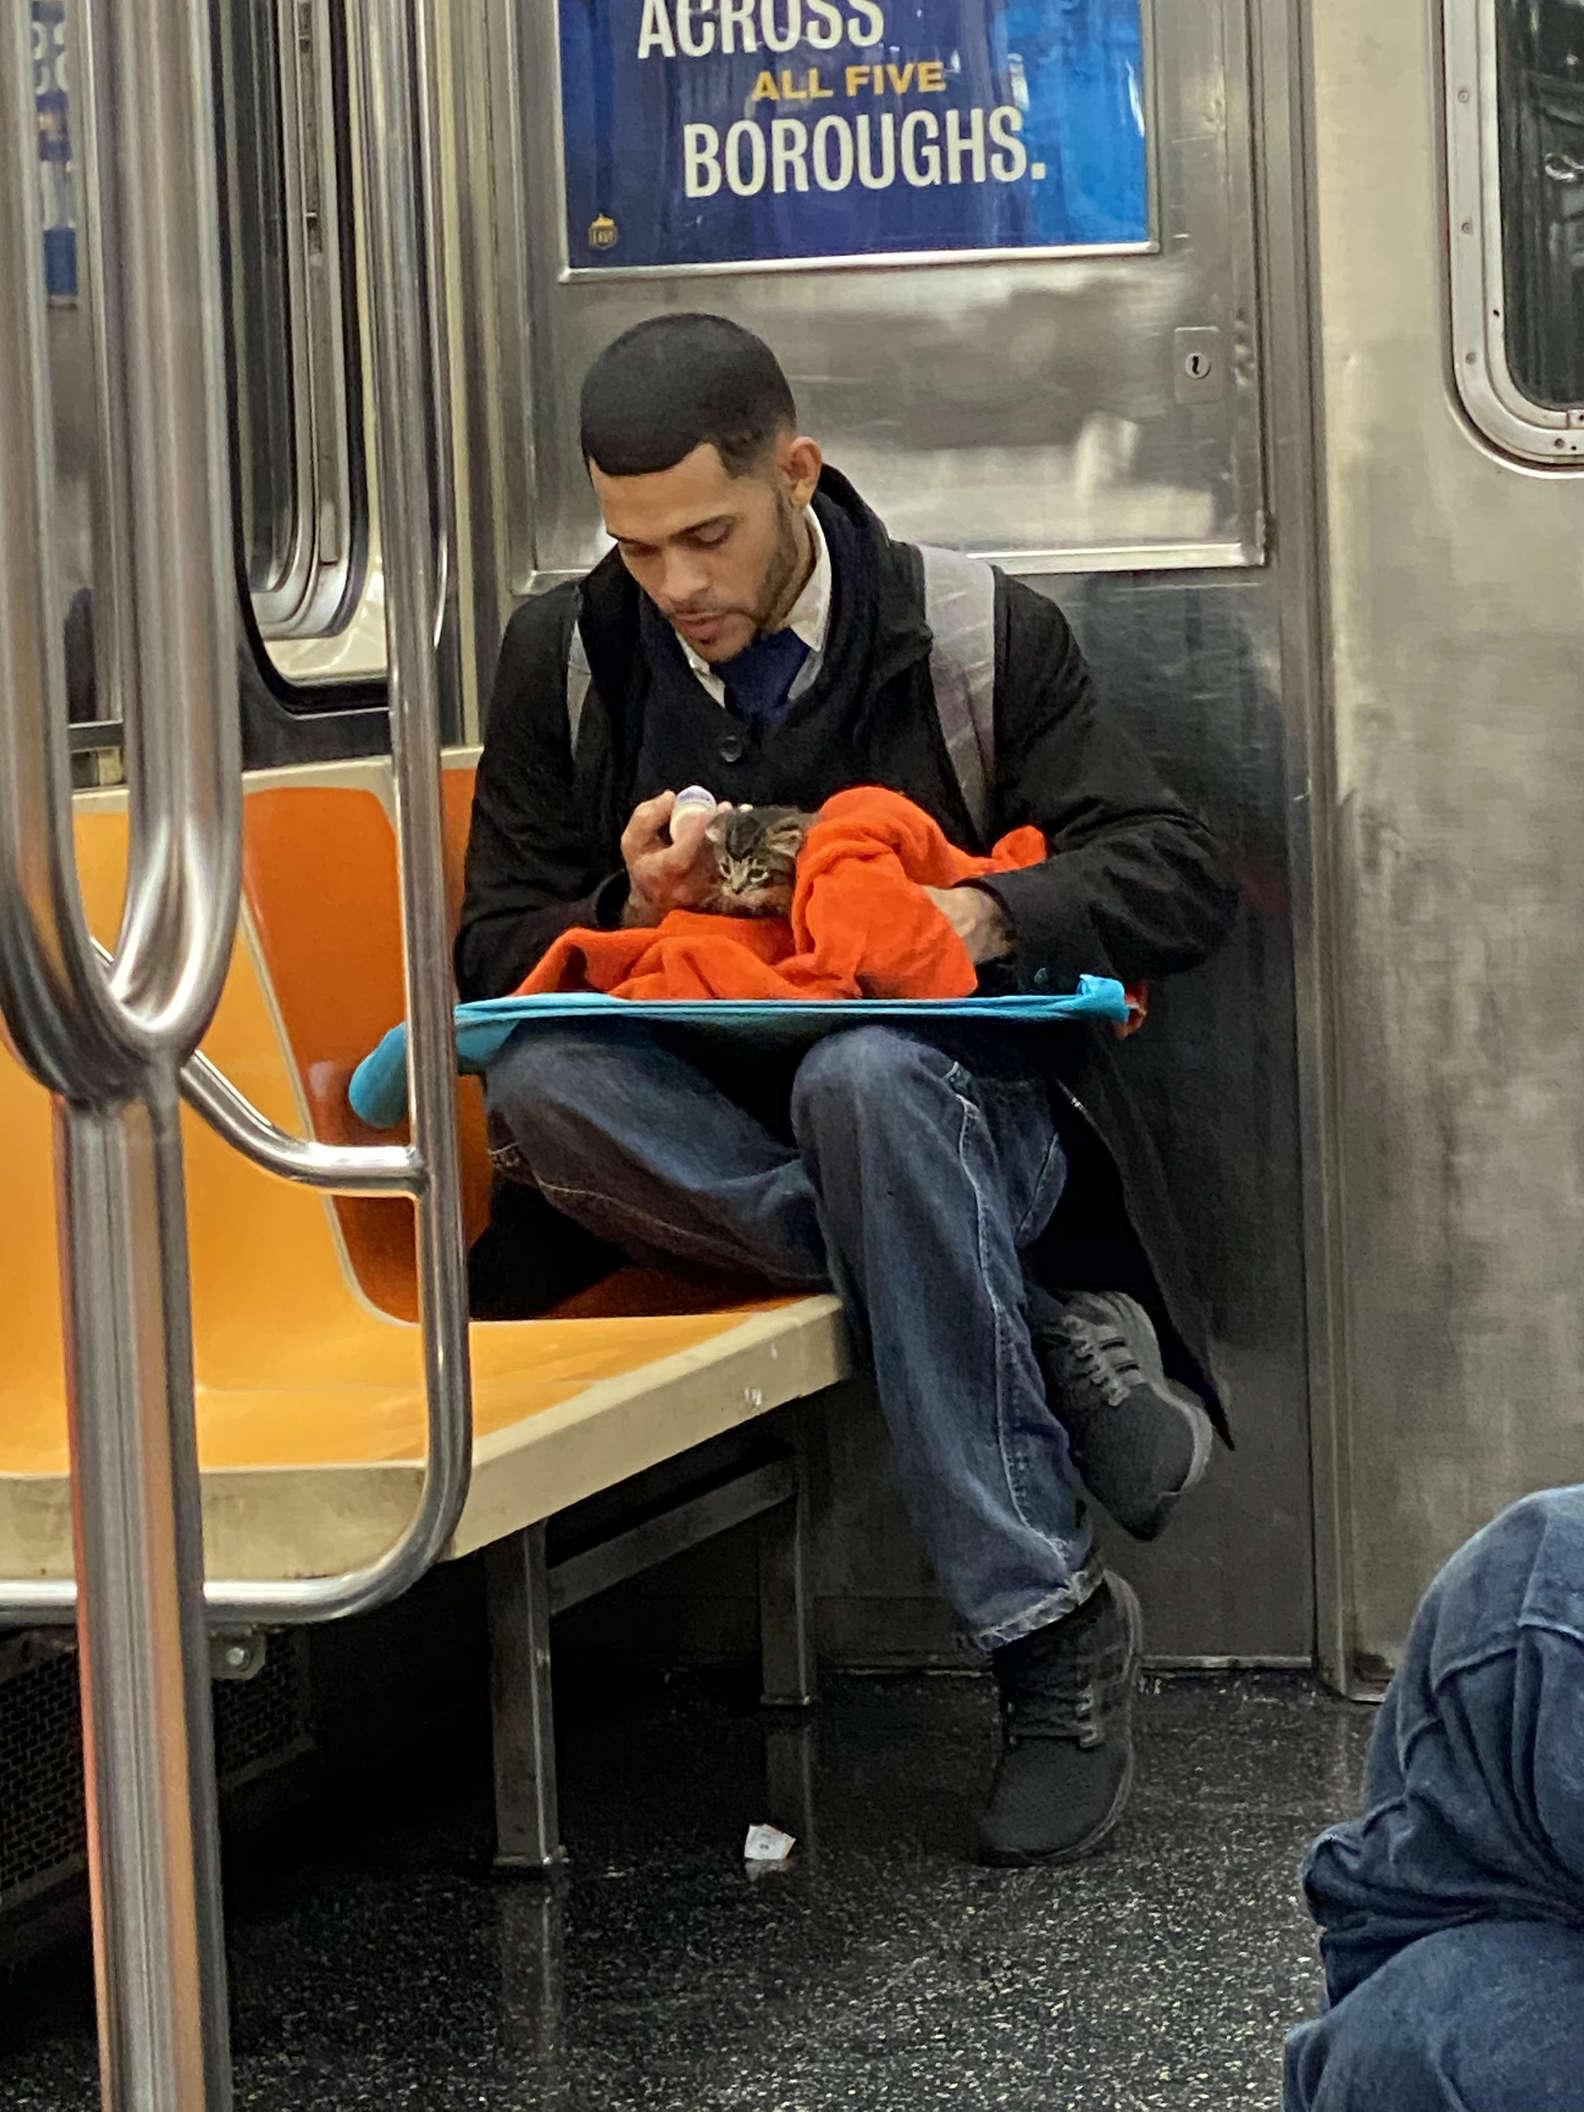 Man geeft kitten flesje op metro.